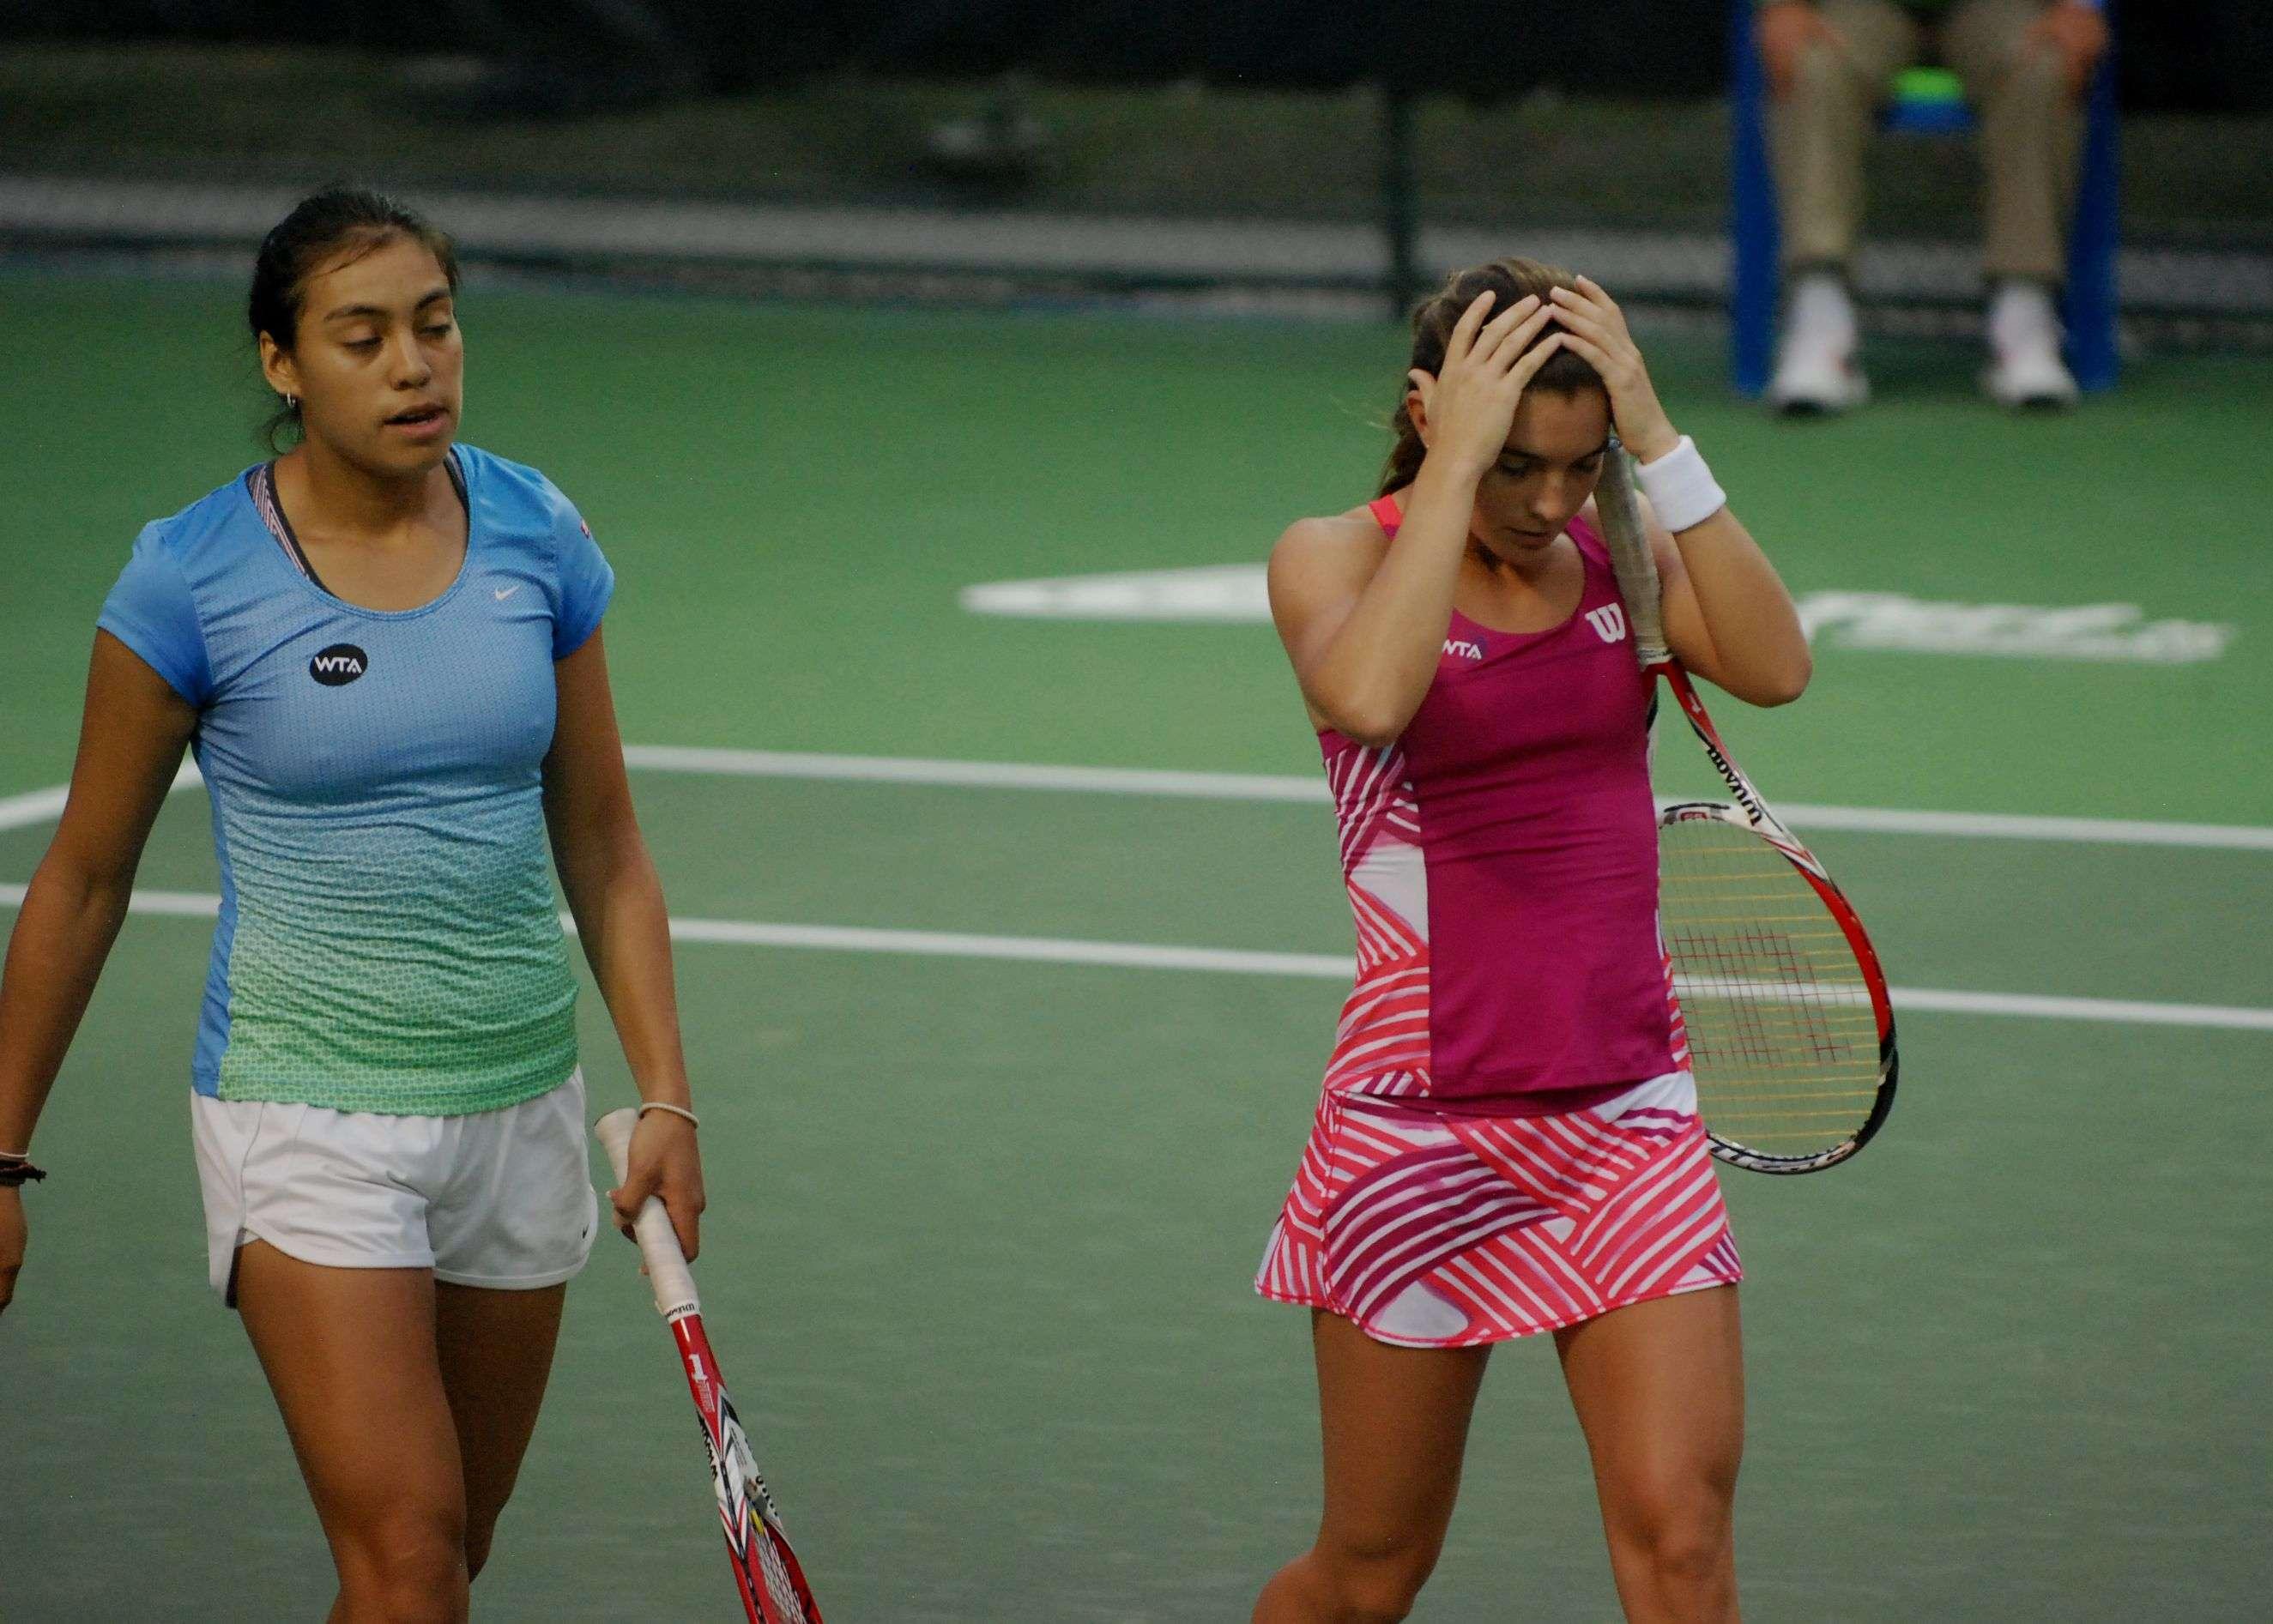 Marcela Zacarías y Victoria Rodríguez perdieron por 6-1 y 6-3 ante Timea Bacsinzky y Vera Zvonareva en el Abierto de Tenis Monterrey. Foto: Terra